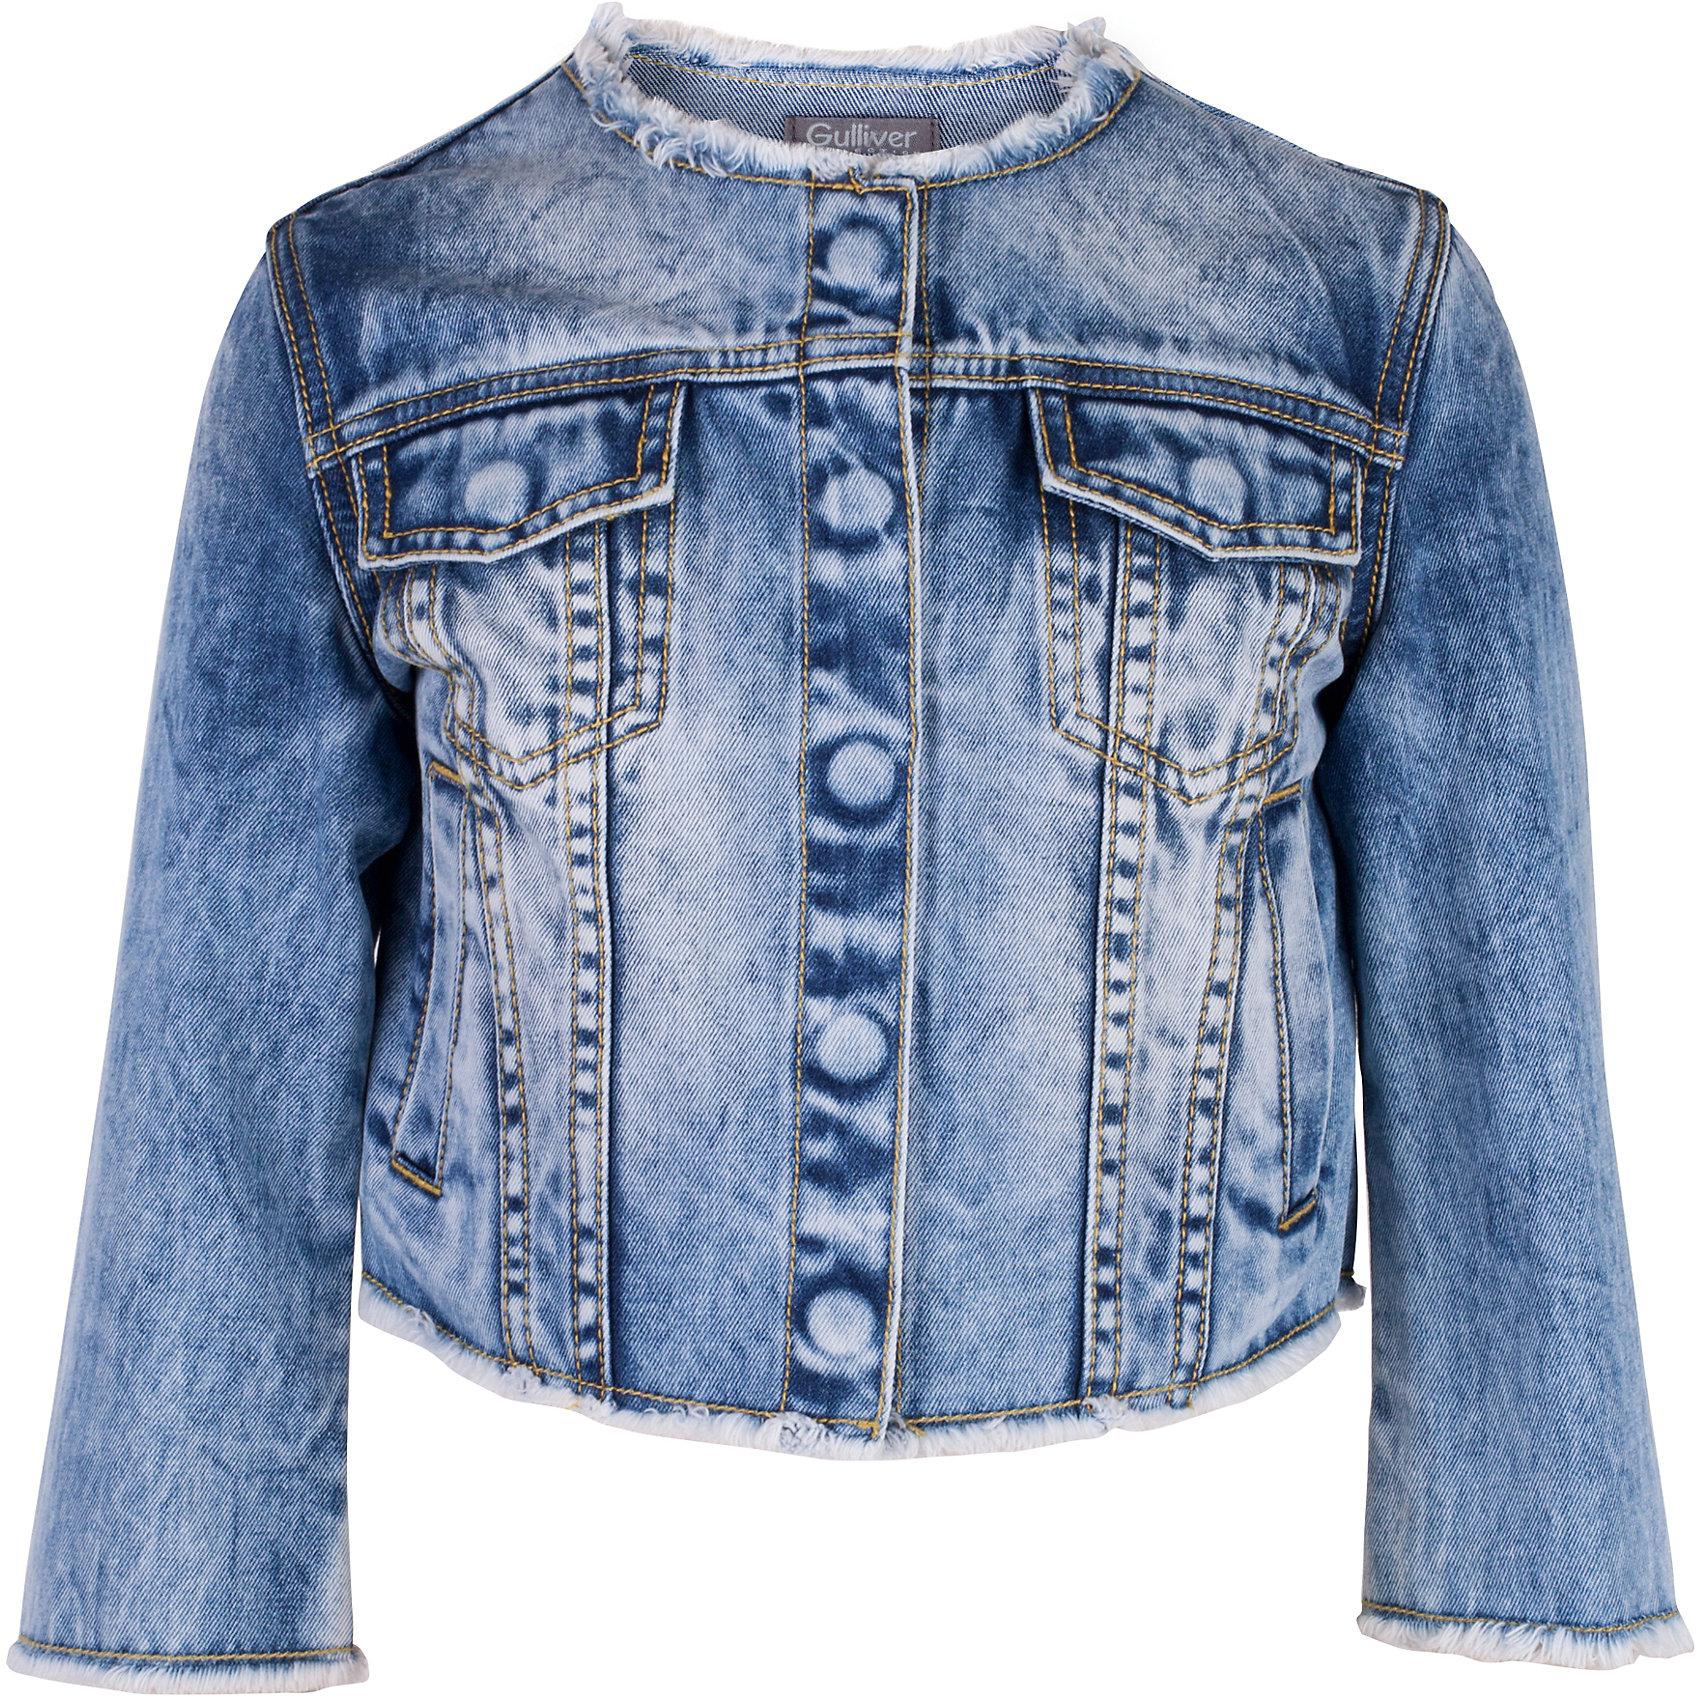 Жакет для девочки GulliverДжинсовая одежда<br>Модная джинсовая куртка для девочки - изделие на все случаи жизни! Она прекрасно дополнит любой образ в стиле casual, став незаменимым атрибутом современного динамичного гардероба. Голубая куртка с модными потертостями, заминами и варкой выполнена из хлопковой джинсовой ткани, что делает ее очень комфортной и практичной в носке. Джинсовая детская куртка - отличный вариант на каждый день. Она придаст любому комплекту завершенность, сделав образ ярким и многослойным.<br>Состав:<br>100% хлопок<br><br>Ширина мм: 356<br>Глубина мм: 10<br>Высота мм: 245<br>Вес г: 519<br>Цвет: голубой<br>Возраст от месяцев: 156<br>Возраст до месяцев: 168<br>Пол: Женский<br>Возраст: Детский<br>Размер: 164,146,152,158<br>SKU: 5483140